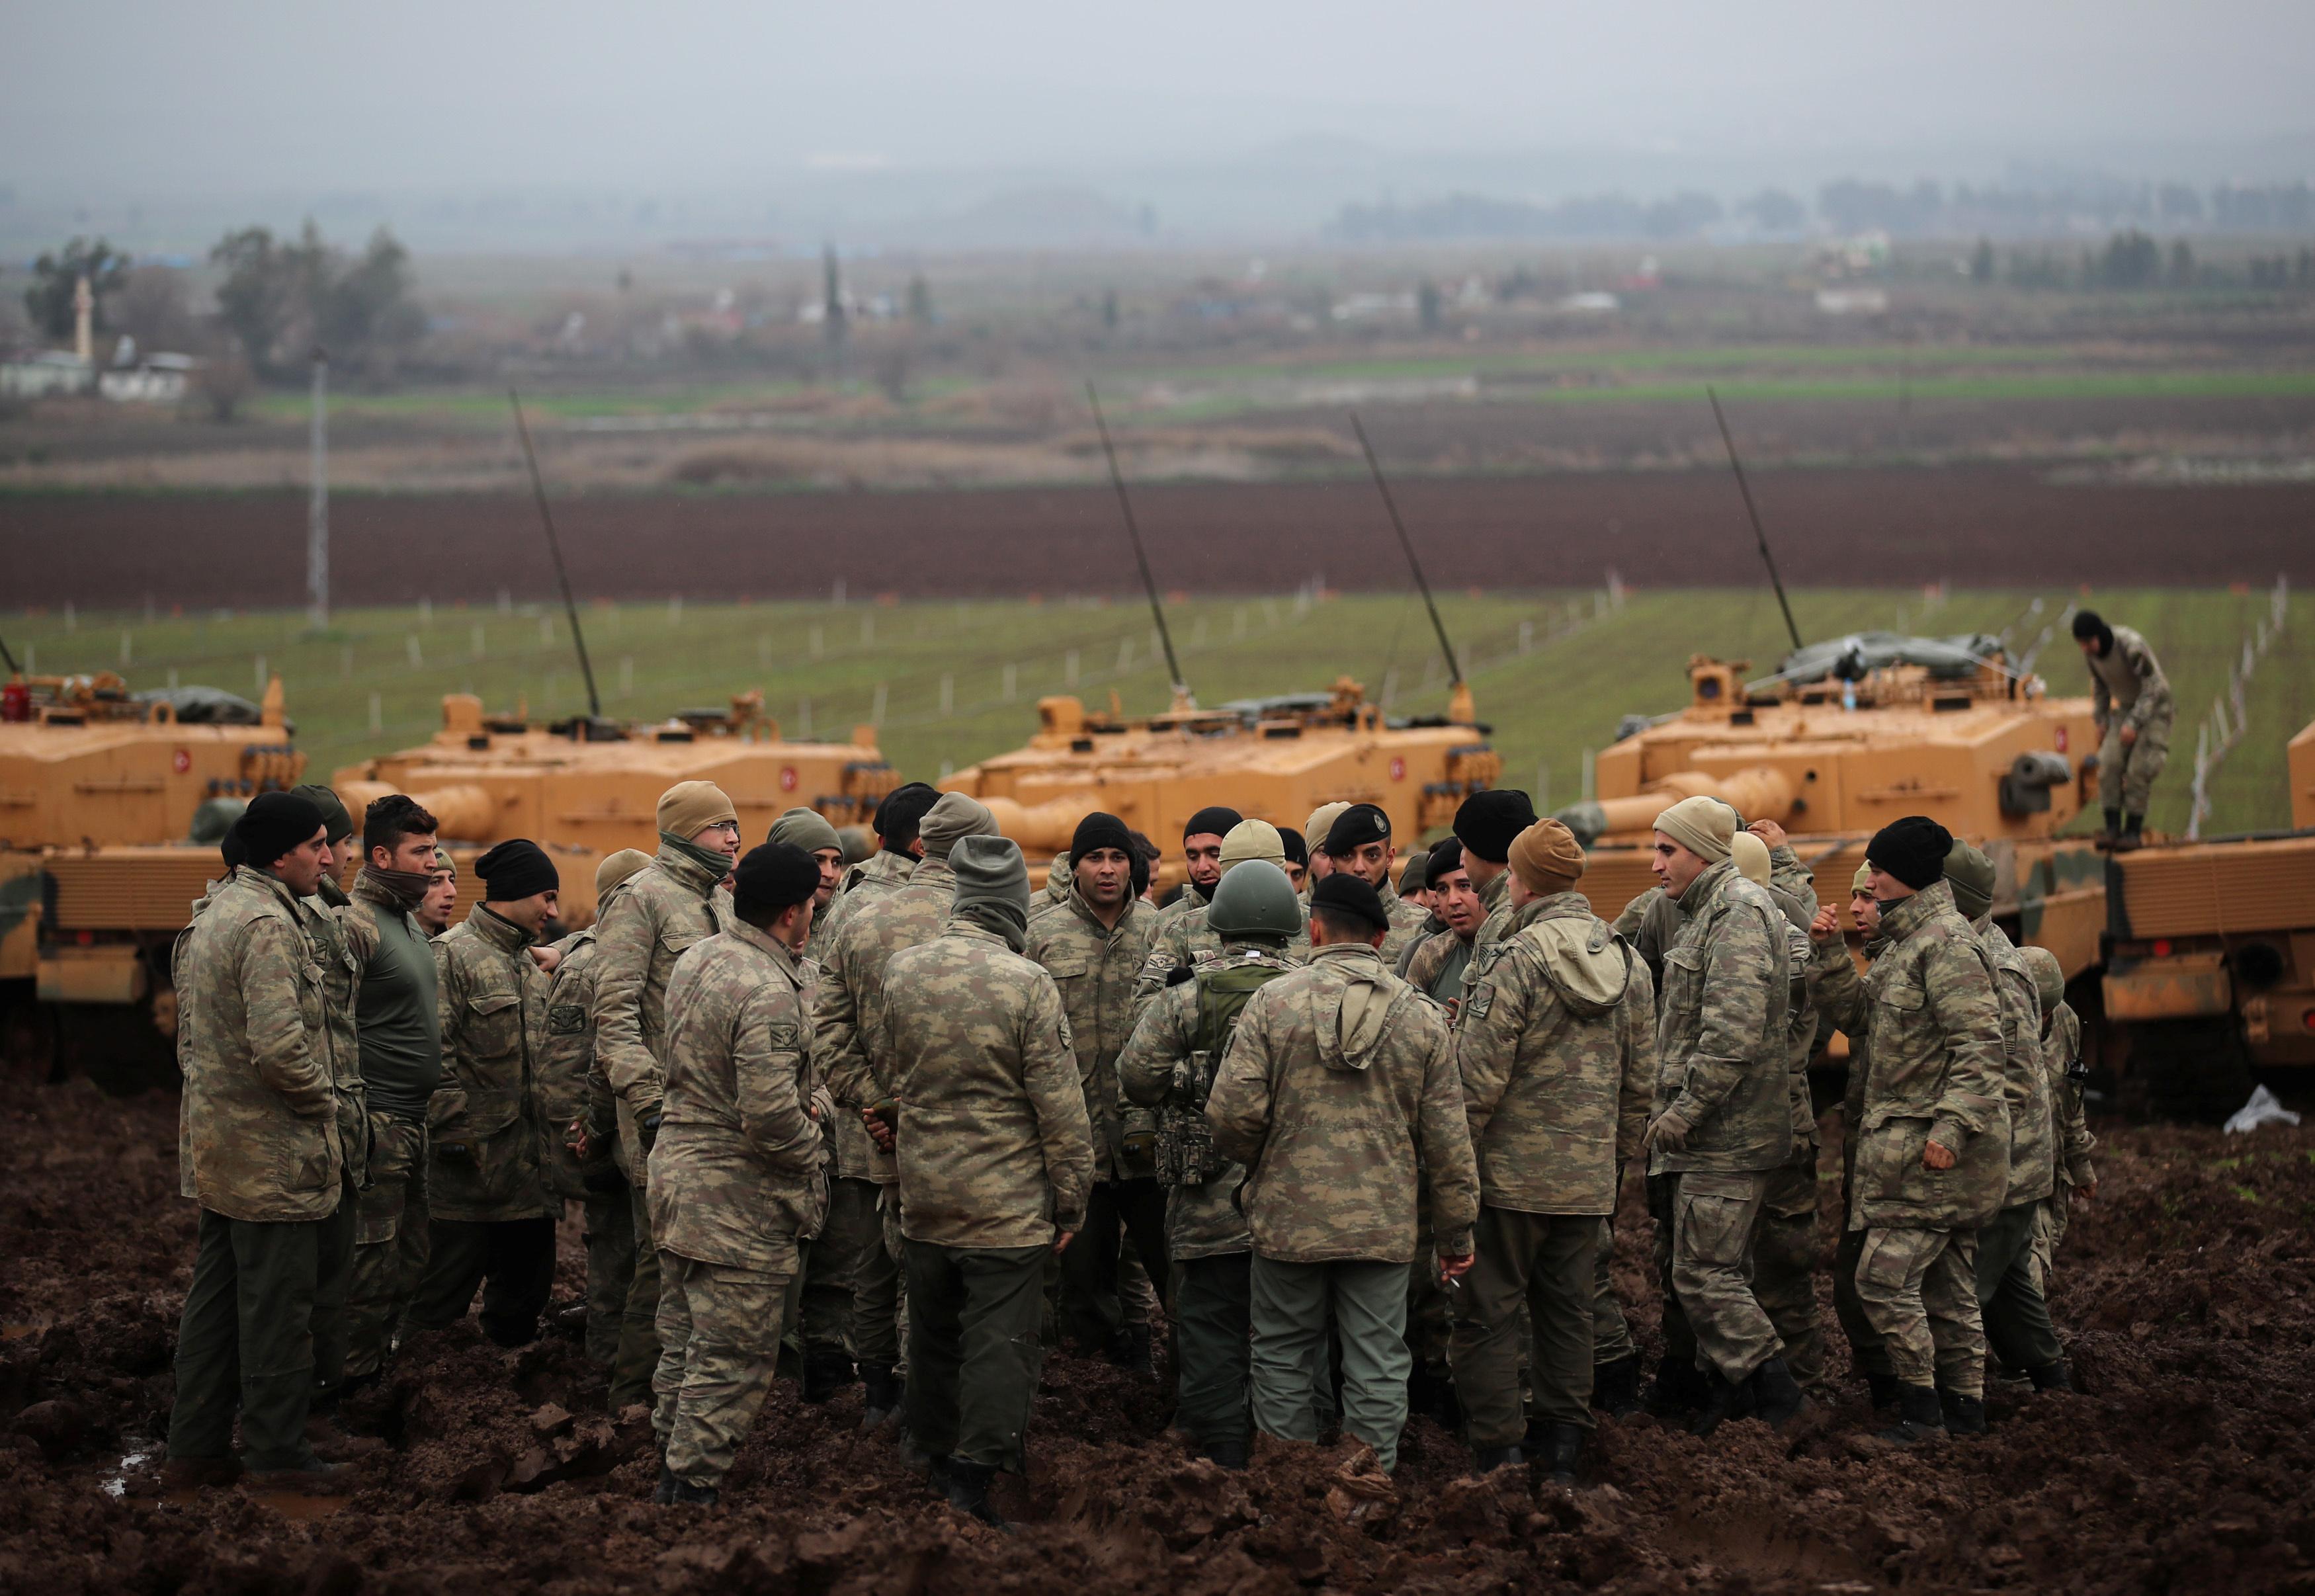 القوات التركية المشاركة فى الحرب على عفرين السورية